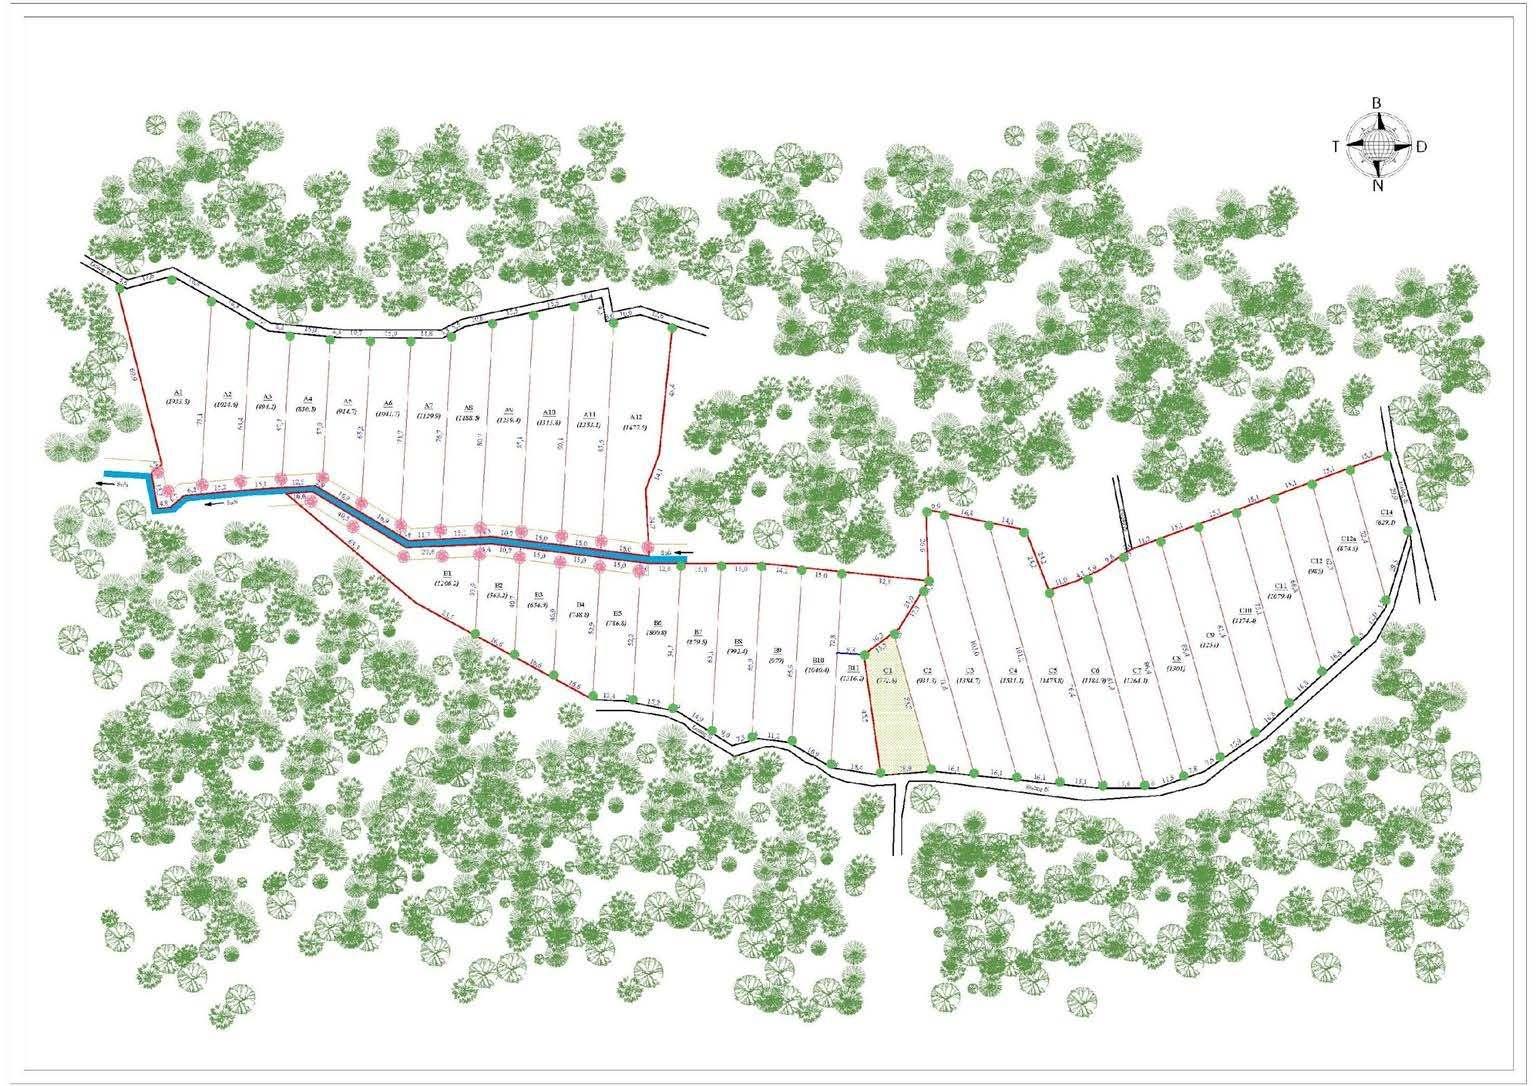 Bất động sản Lâm Đồng - Dự án Lộc Tân Farm 38 - Sơ đồ mặt bằng